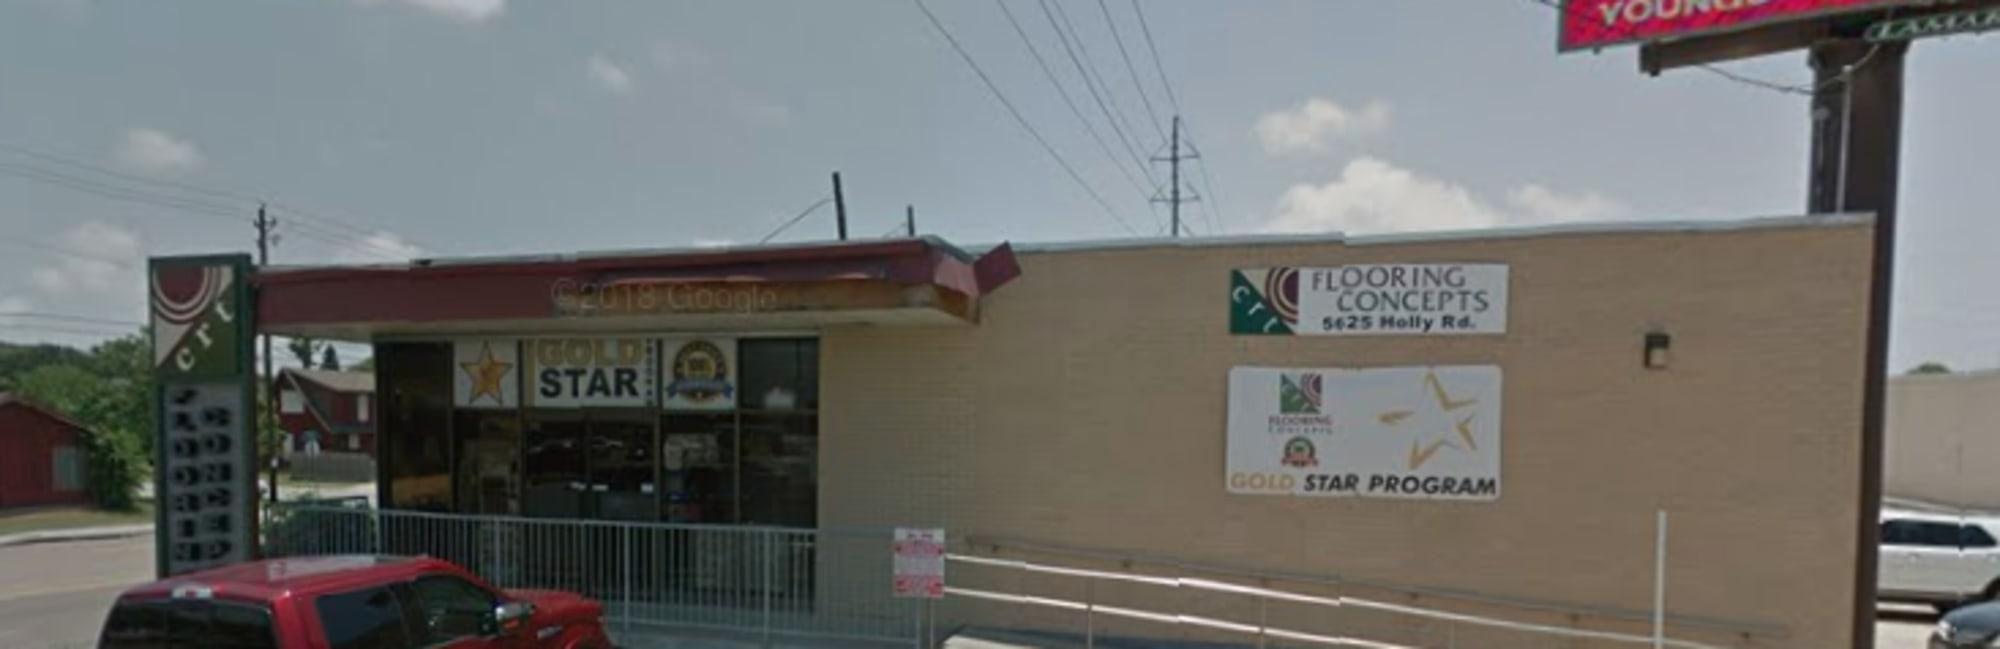 CRT Flooring - 5625 Holly Rd Corpus Christi, TX 78412